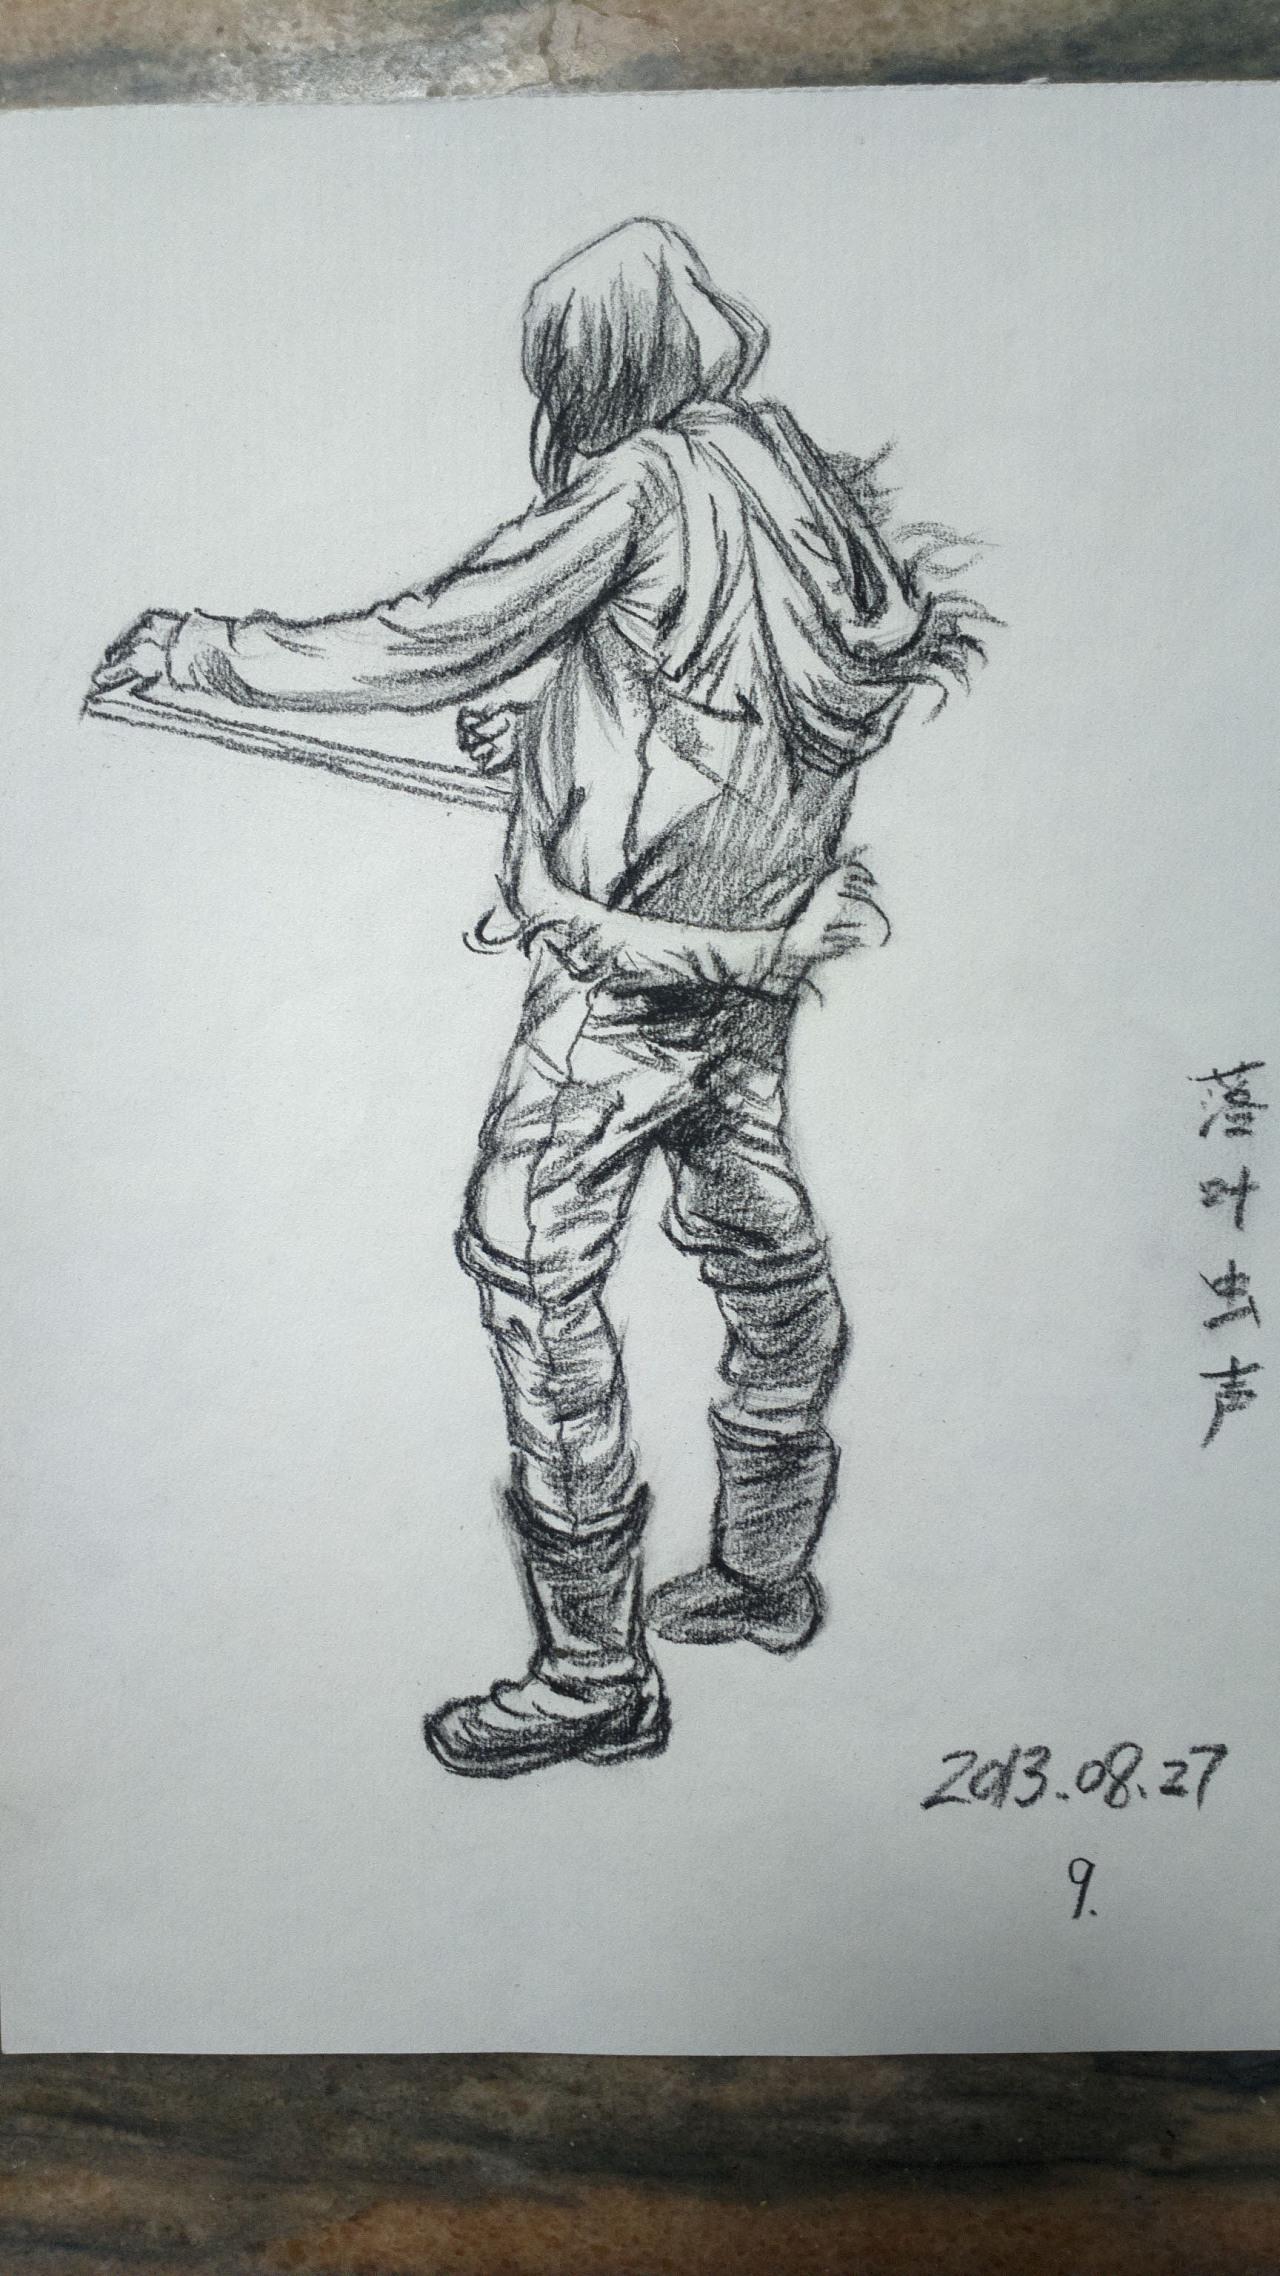 手绘作品|纯艺术|其他艺创|落叶虫声 - 原创作品